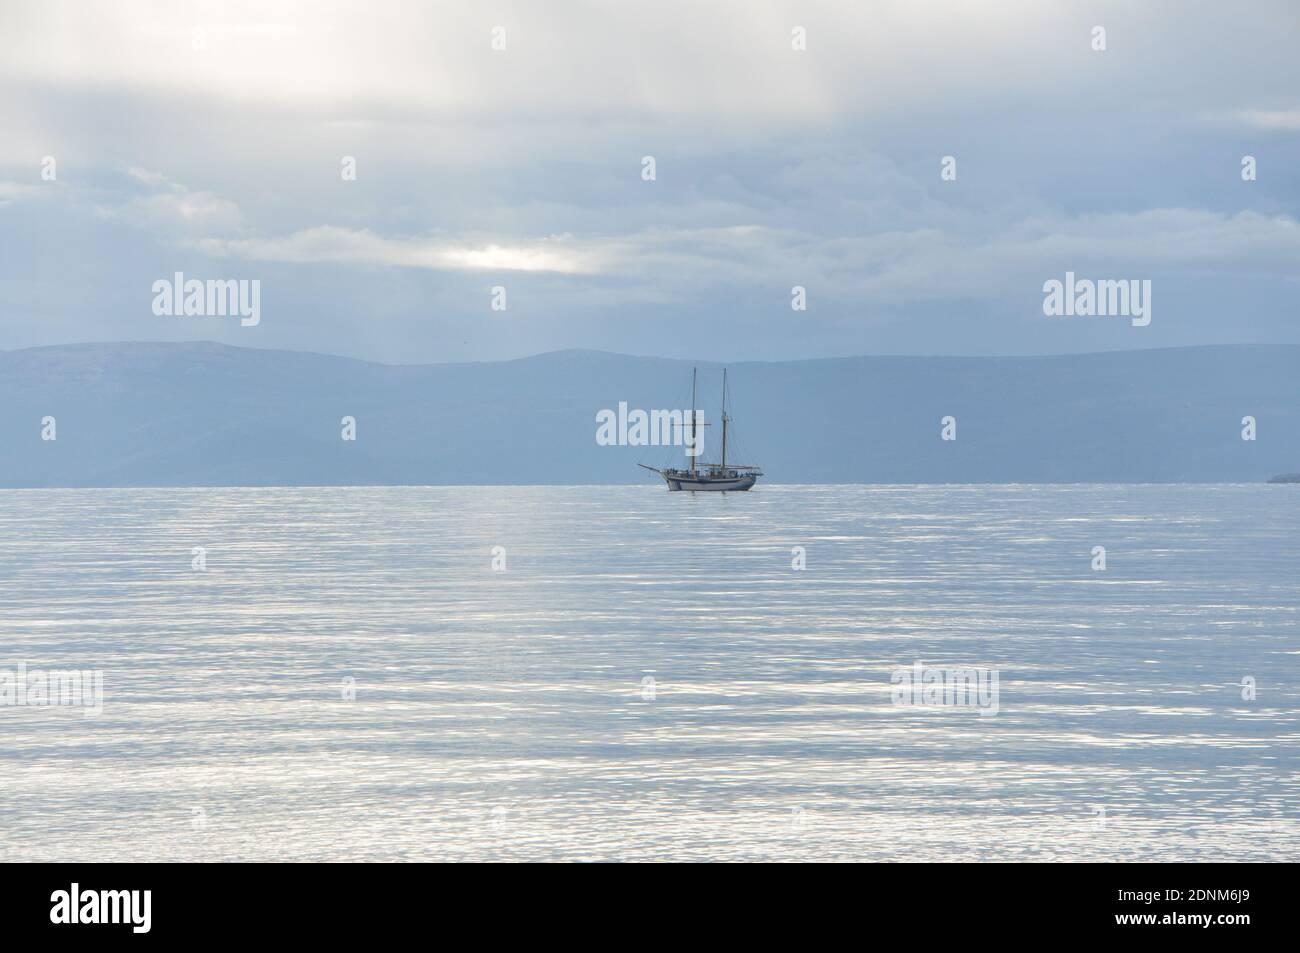 Bateau à voile dans la mer Adriatique. Voilier sur la plage. Mer Adriatique. Silhouette du bateau sur la mer. Banque D'Images